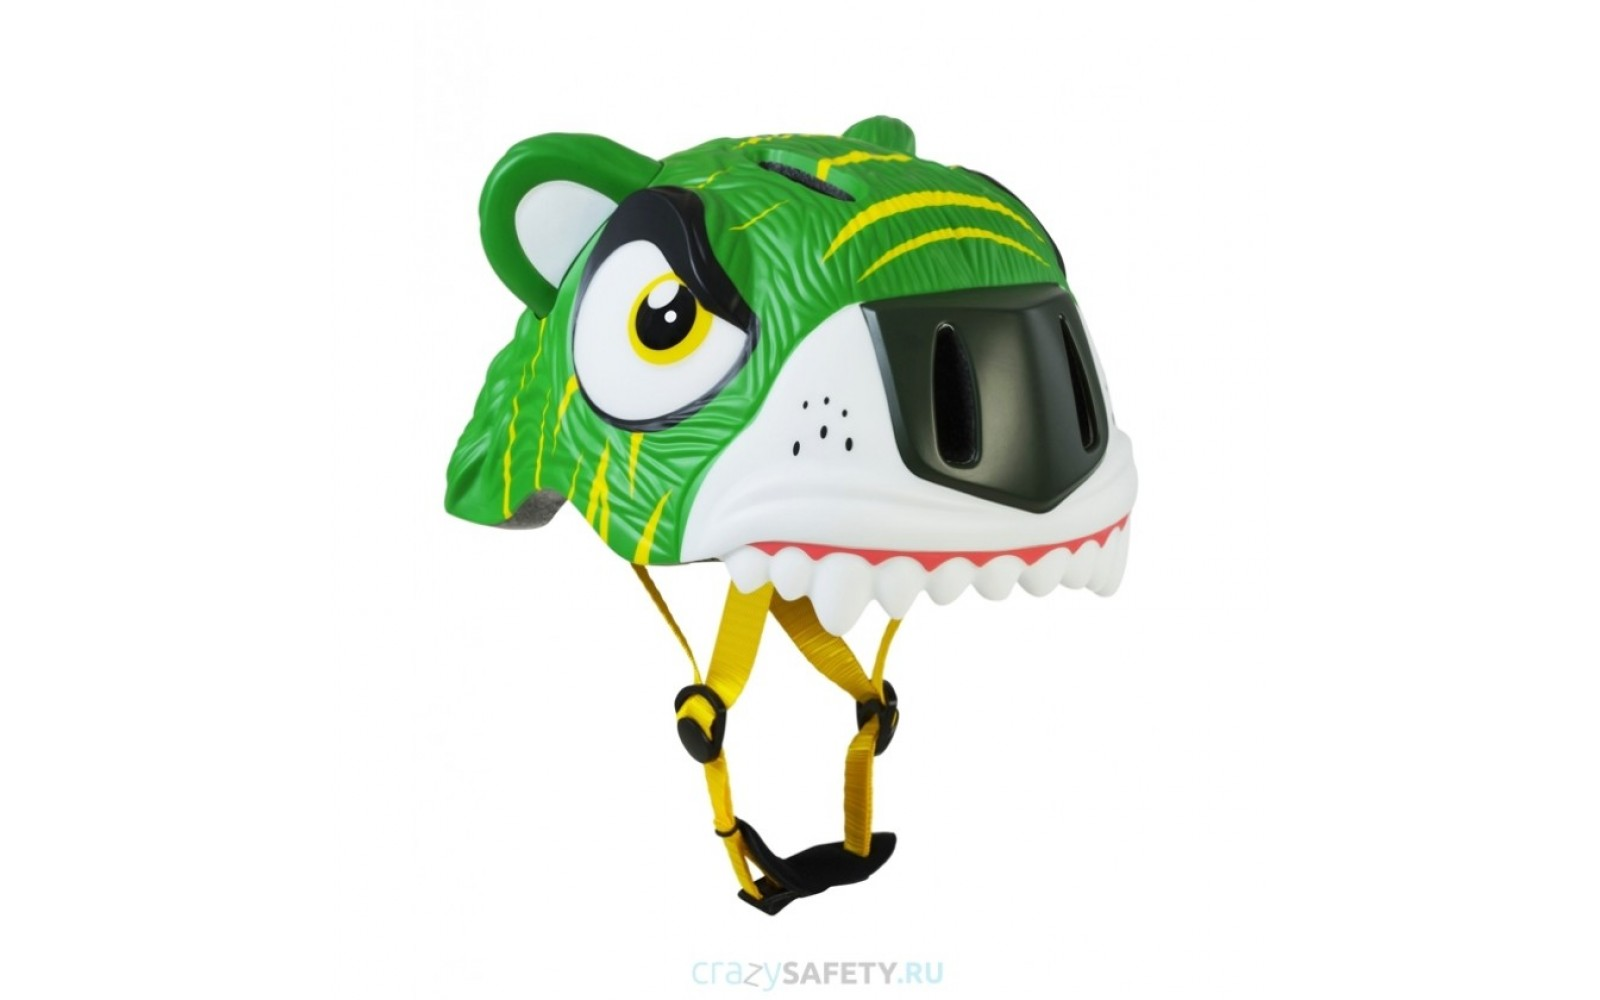 Шлем Green Tiger 2017 New (зелёный тигр) Crazy Safety